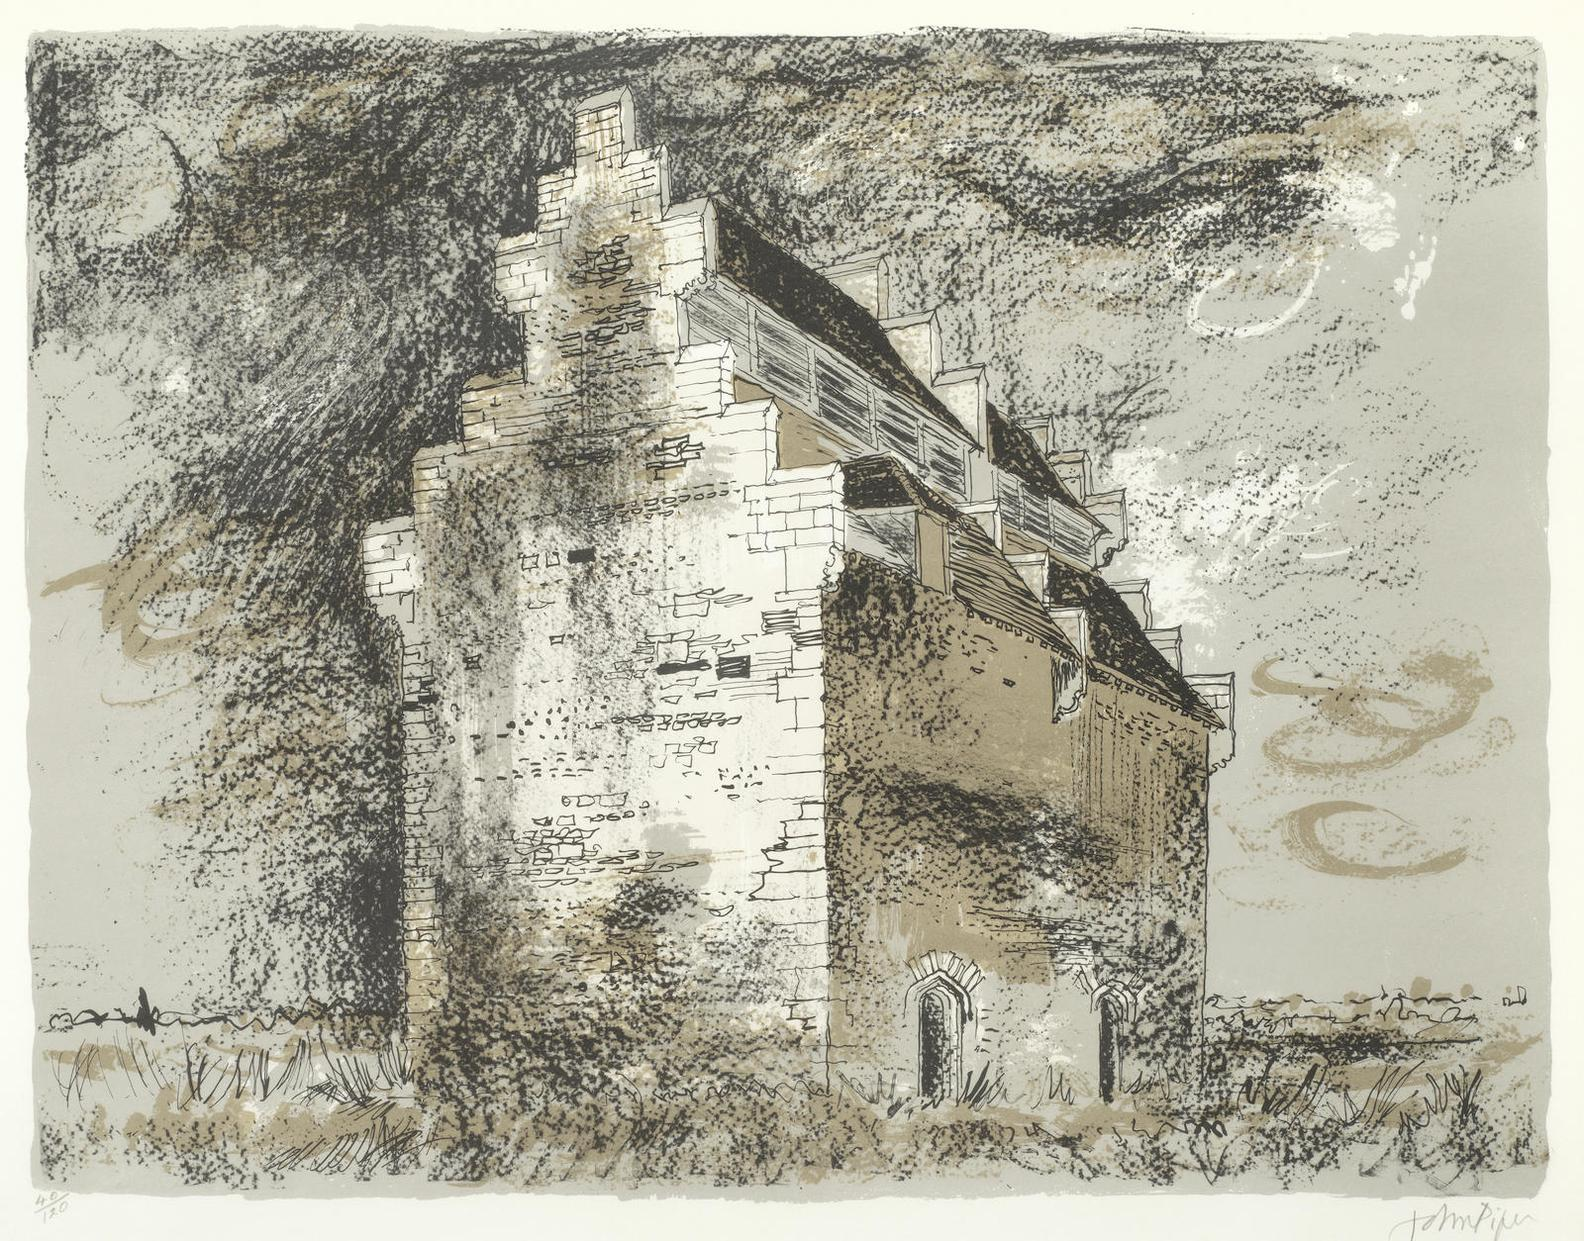 John Piper-Willington Dovecote, Bedfordshire (Levinson 286)-1978